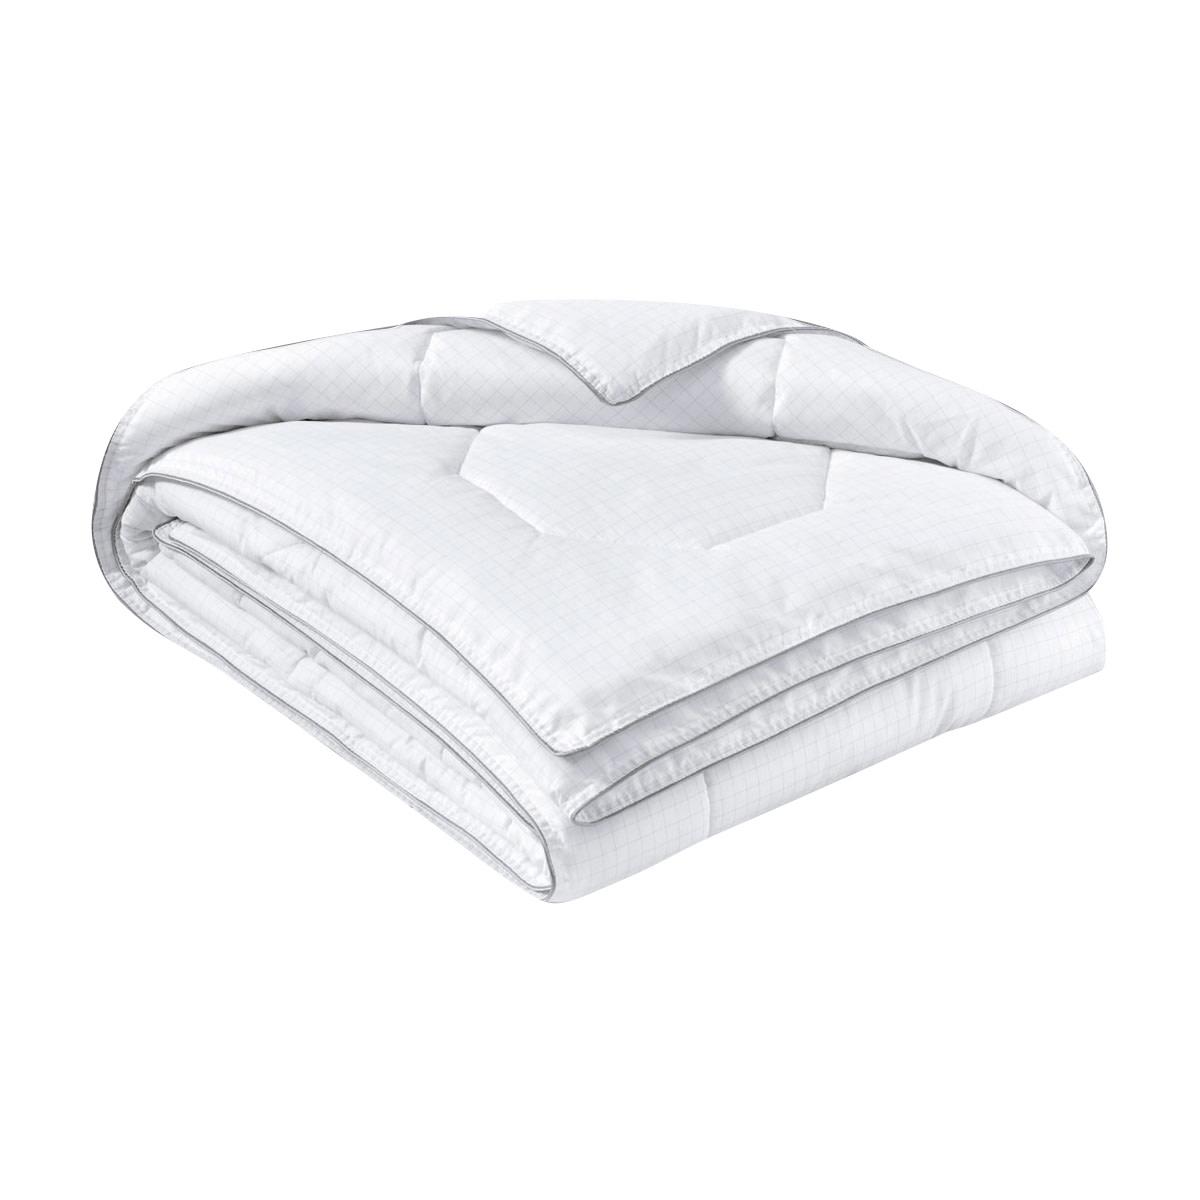 Одеяло Arya home collection Anti-Stres Nano 145х95 см микрогелевое волокно